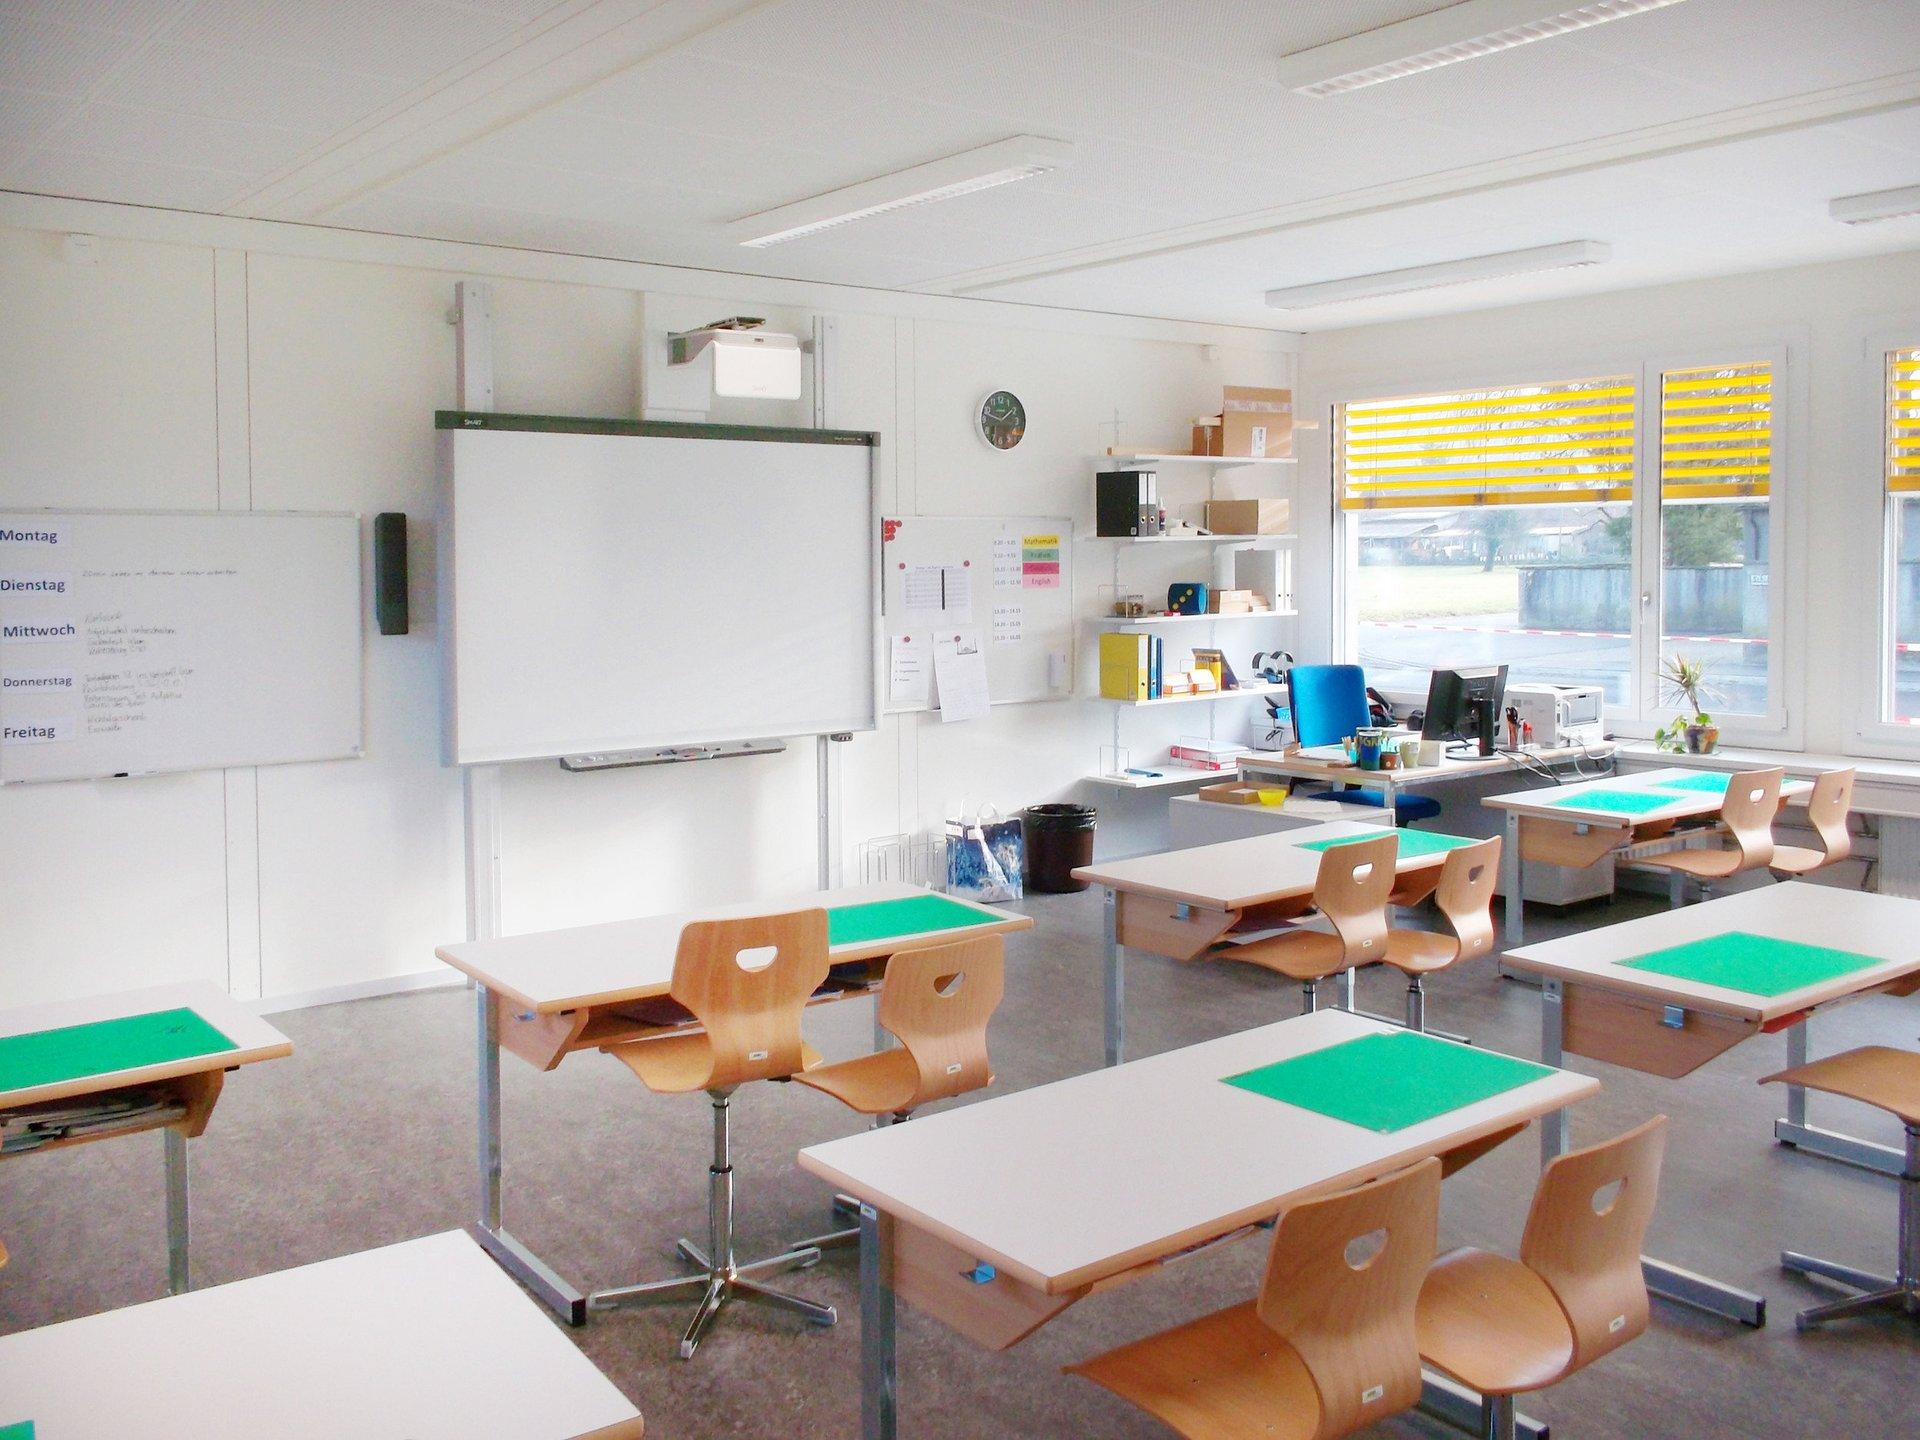 Ausgestattetes Klassenzimmer mit Einflügelfensterelementen